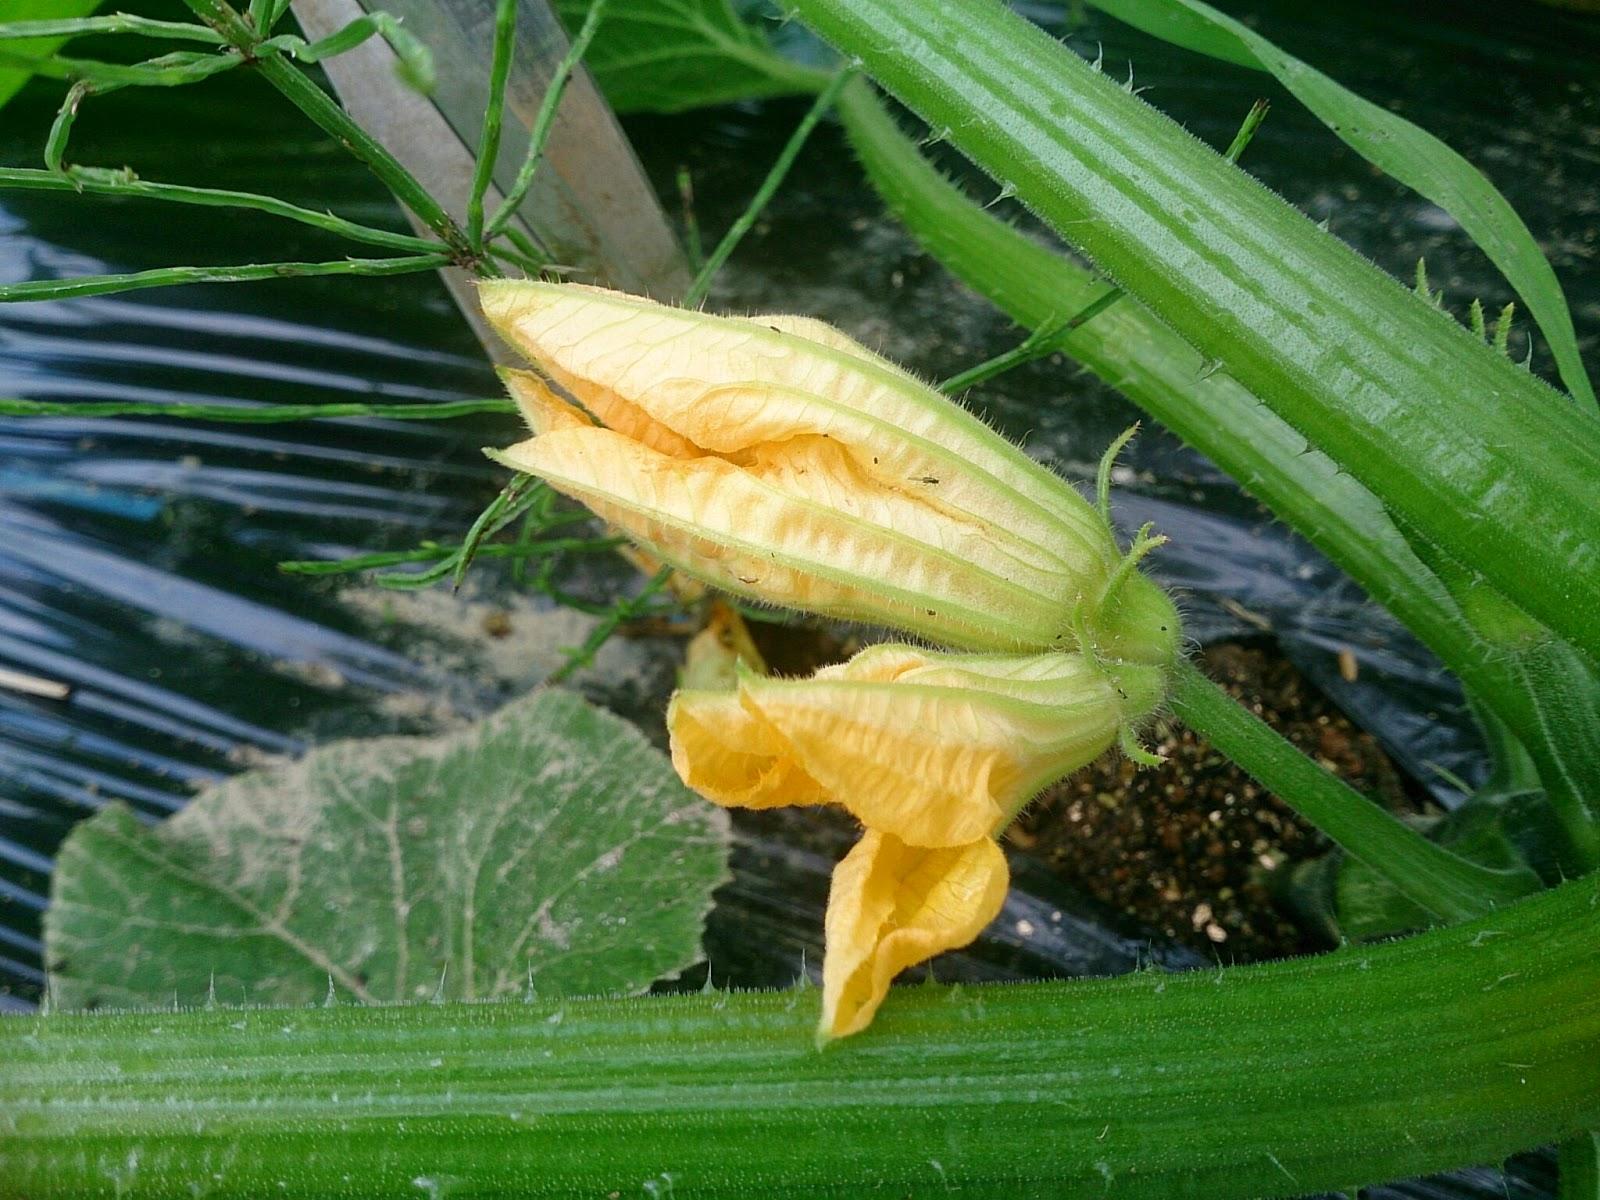 ズッキーニ ひとつの花茎に花がふたつ